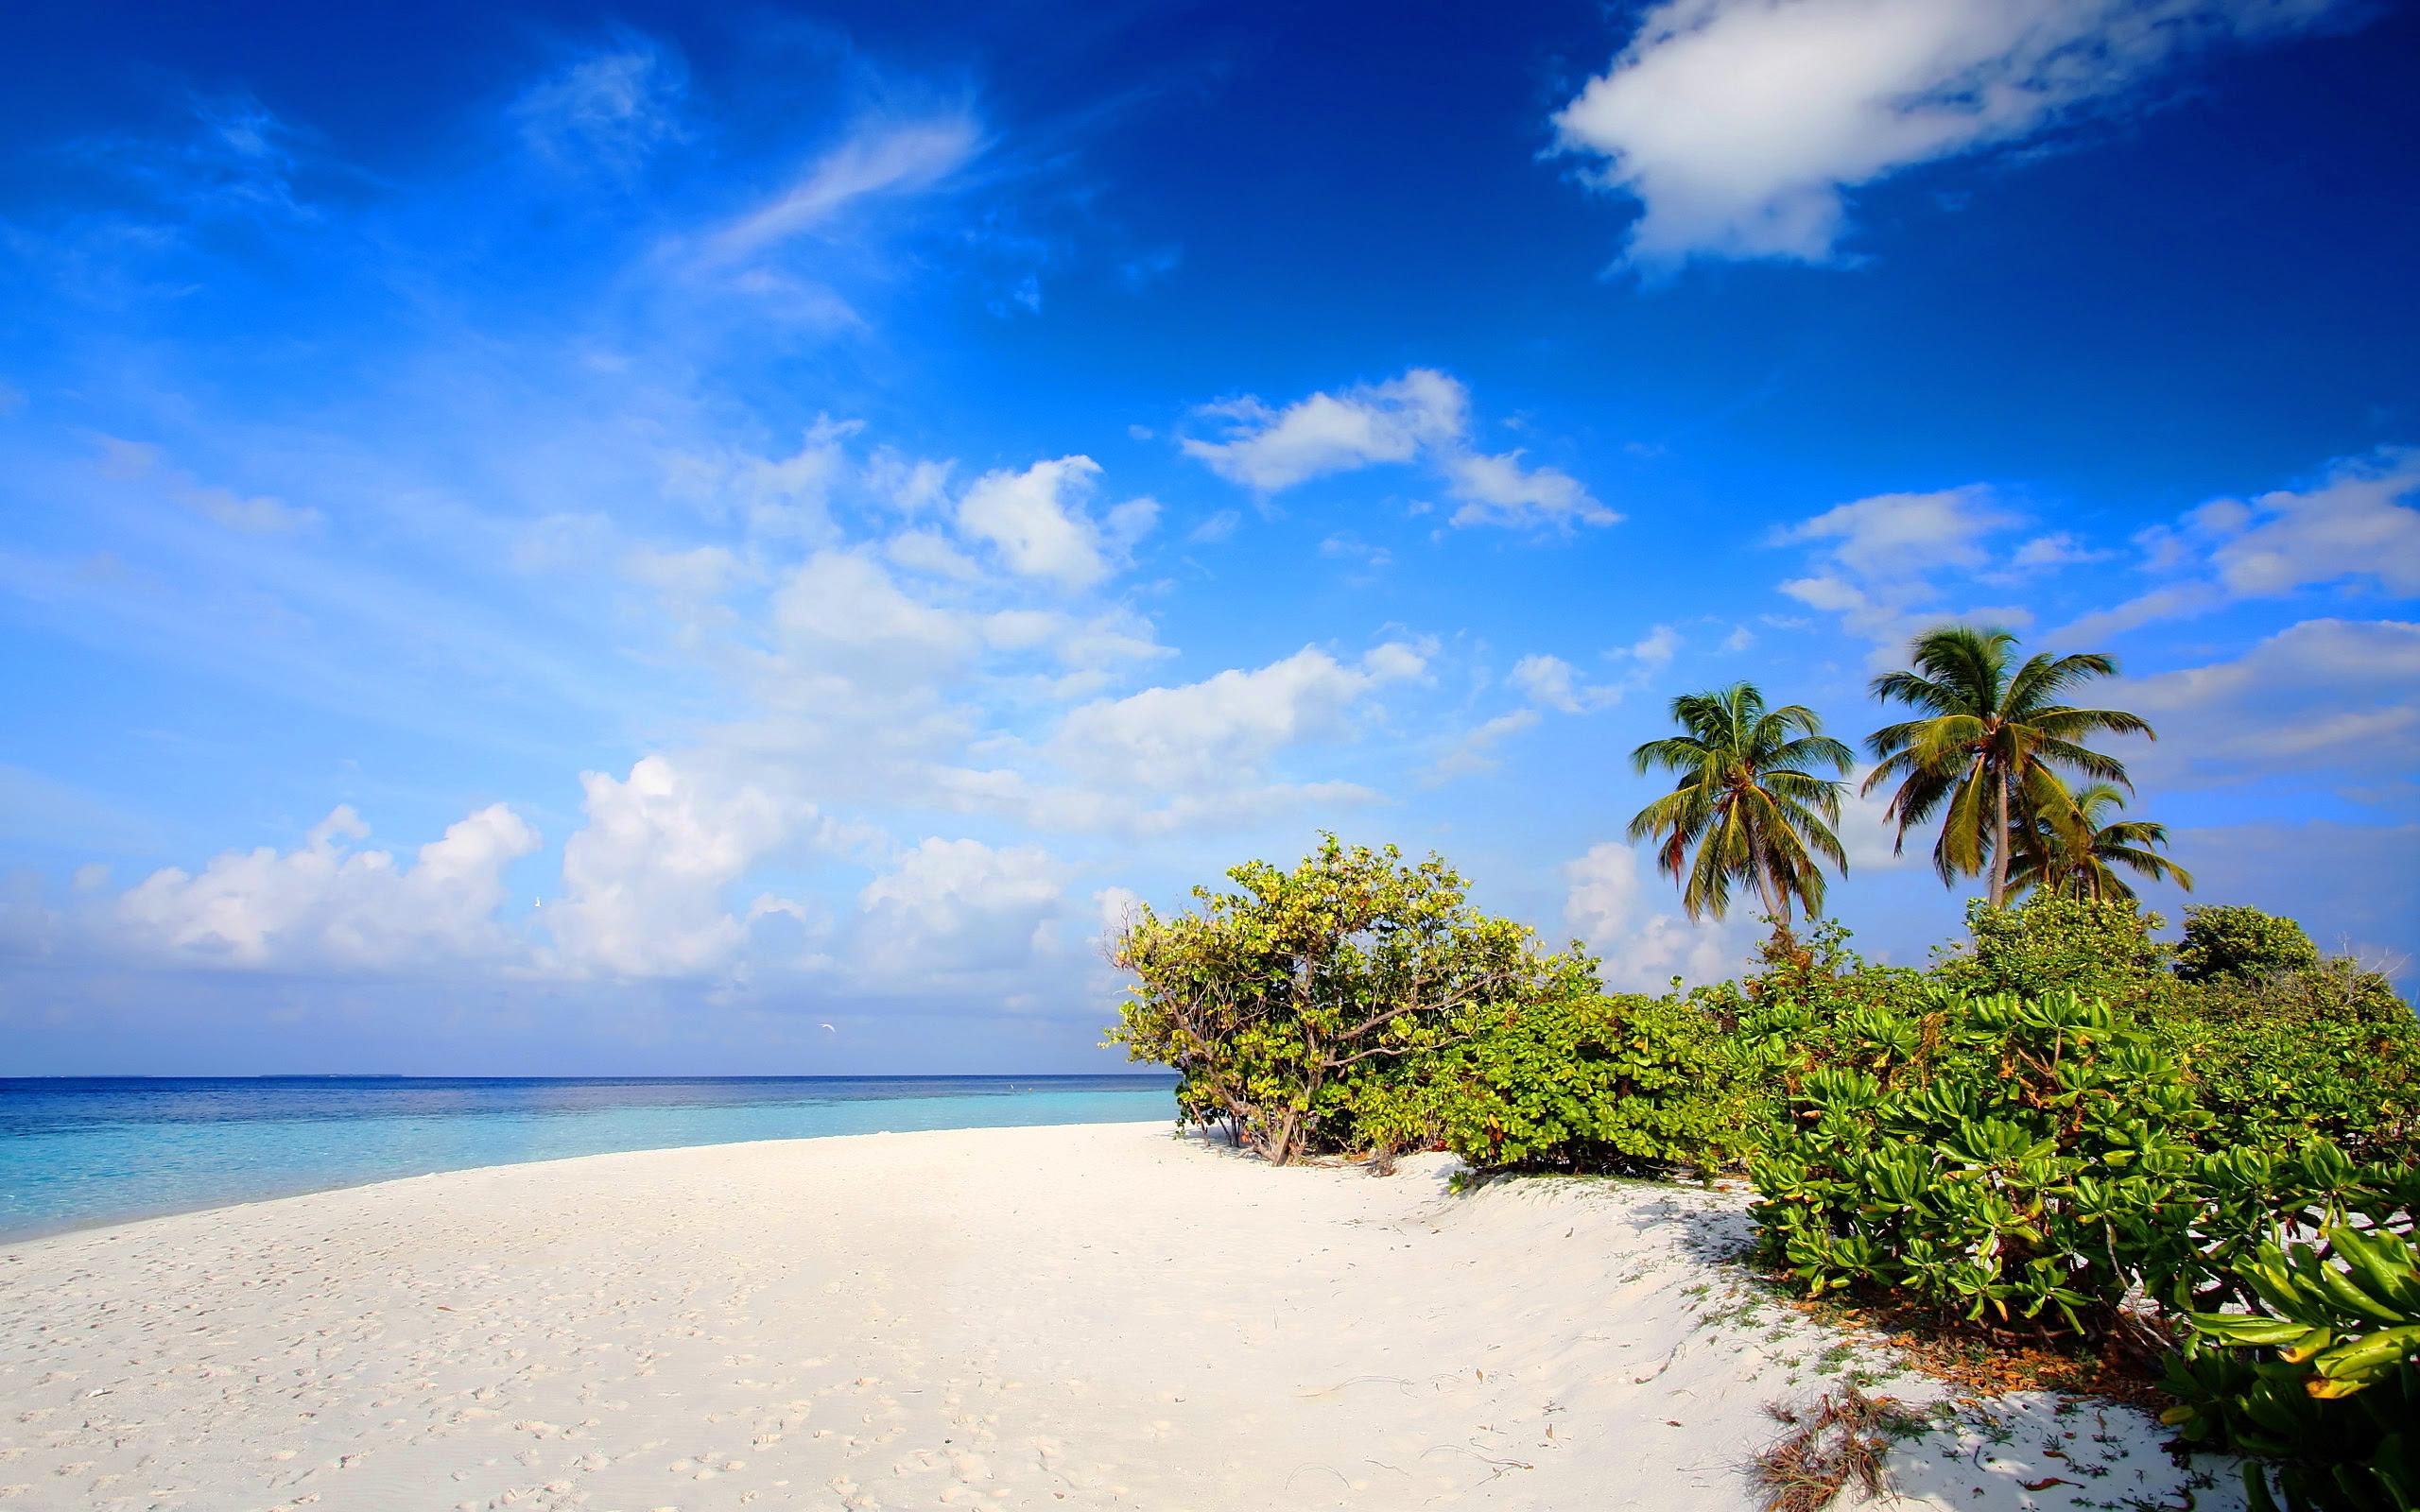 beach nature - HD Desktop Wallpapers | 4k HD